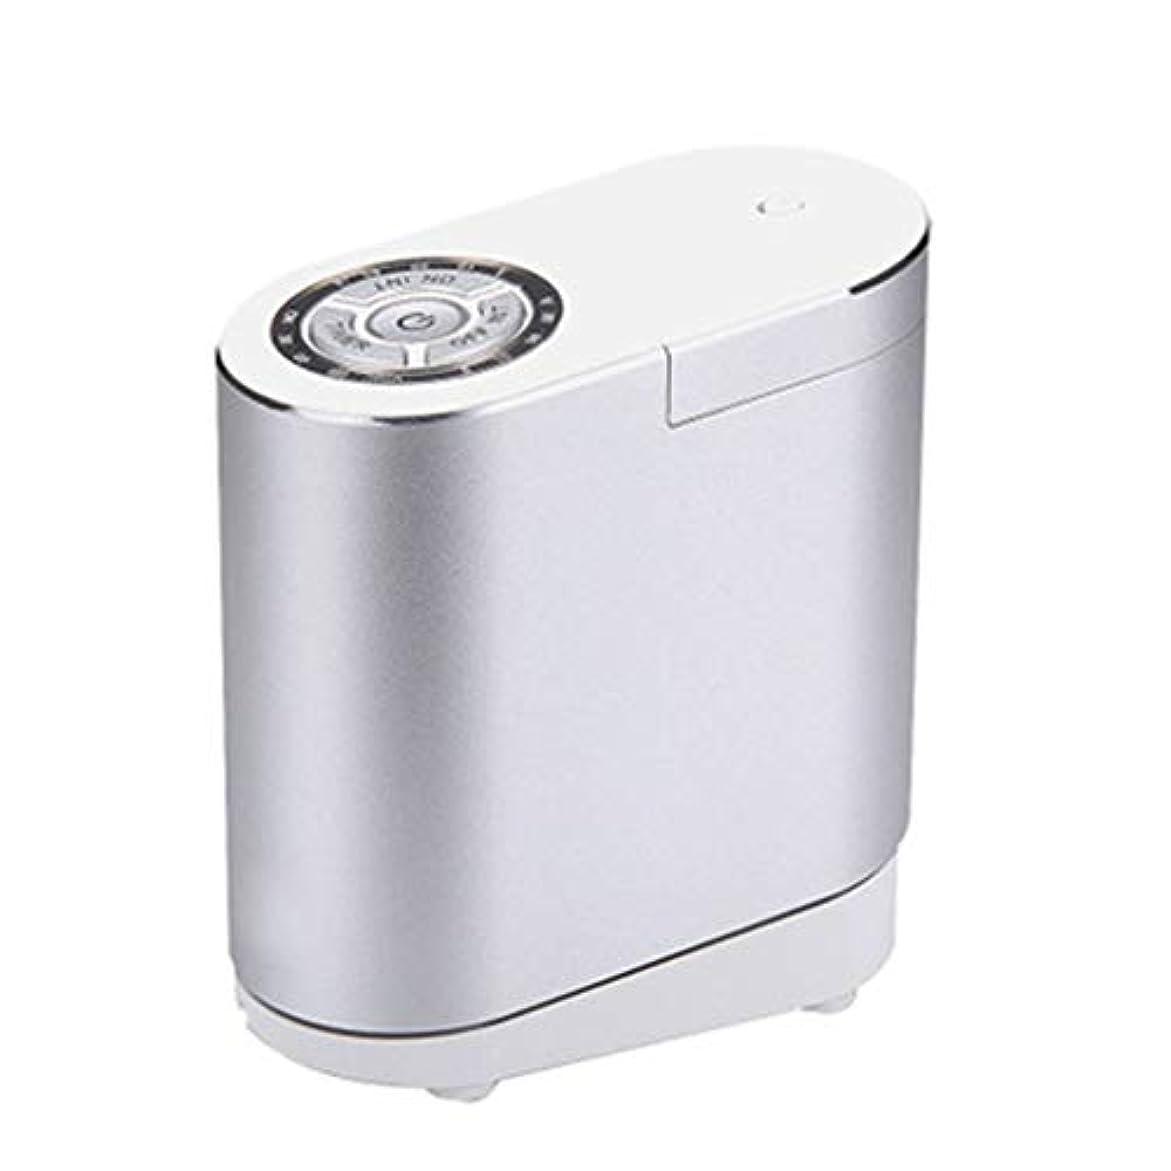 リベラル噂アレイクールミスト空気加湿器、30ミリリットルディフューザーエアコン、4Sショップのリビングルームの研究寝室のオフィスに適して (Color : Silver)